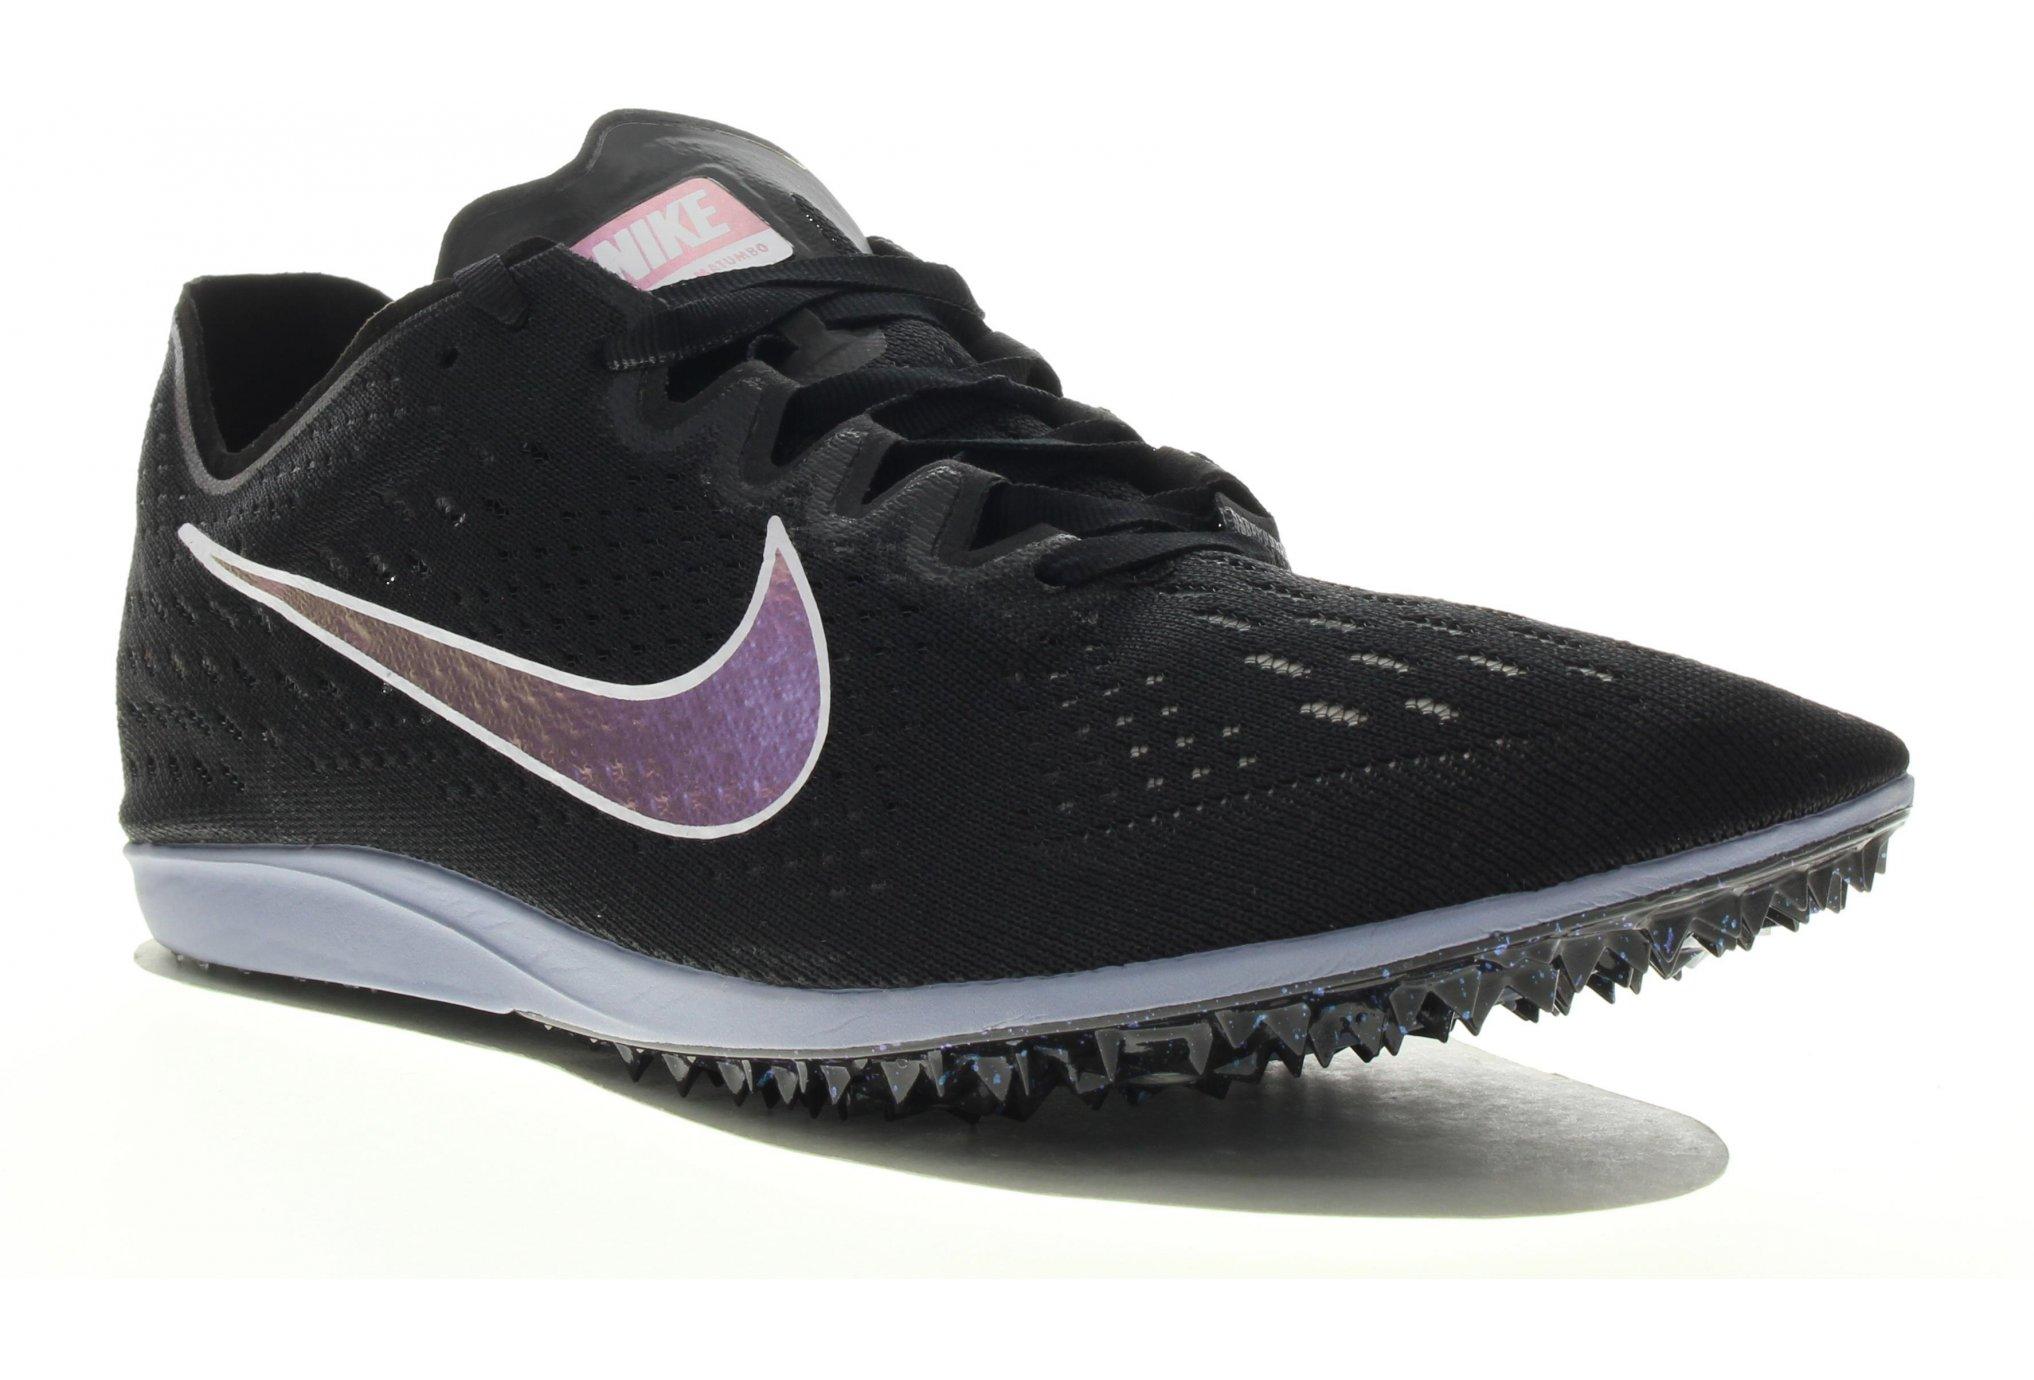 Nike Zoom Matumbo 3 M Diététique Chaussures homme